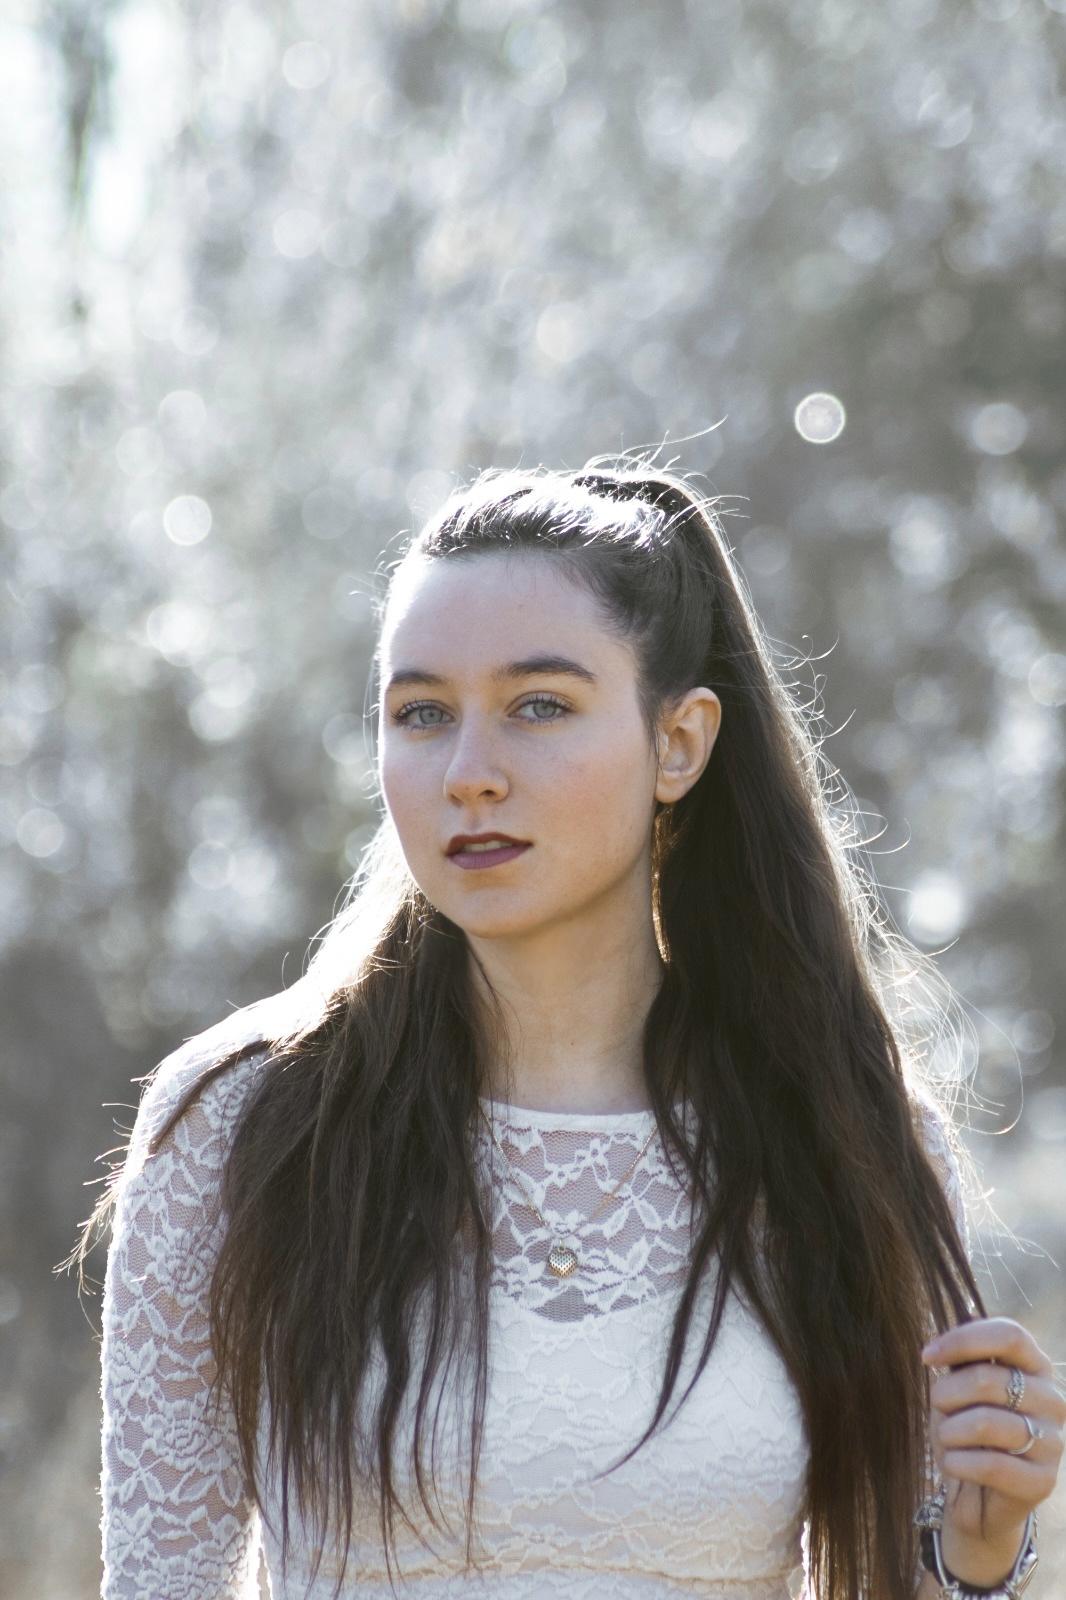 Giorgia Luchini